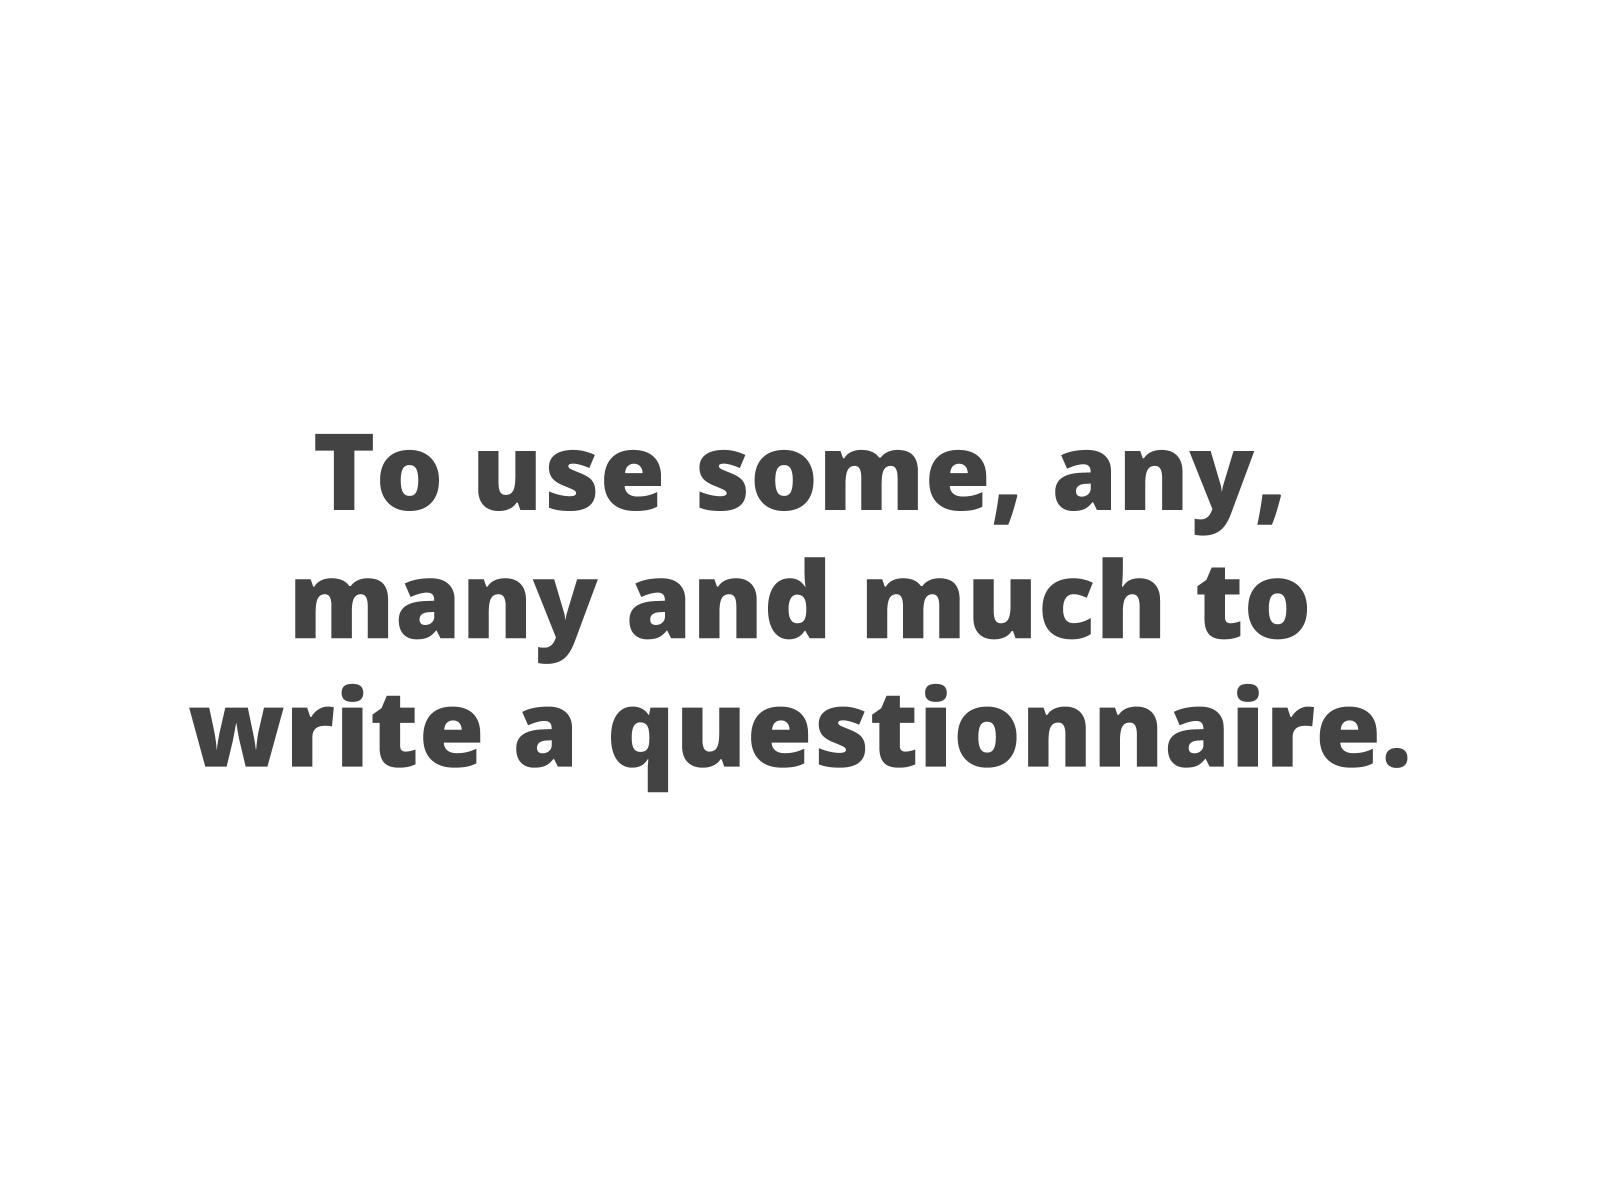 Utilizando some, any, many e much para produzir um questionário